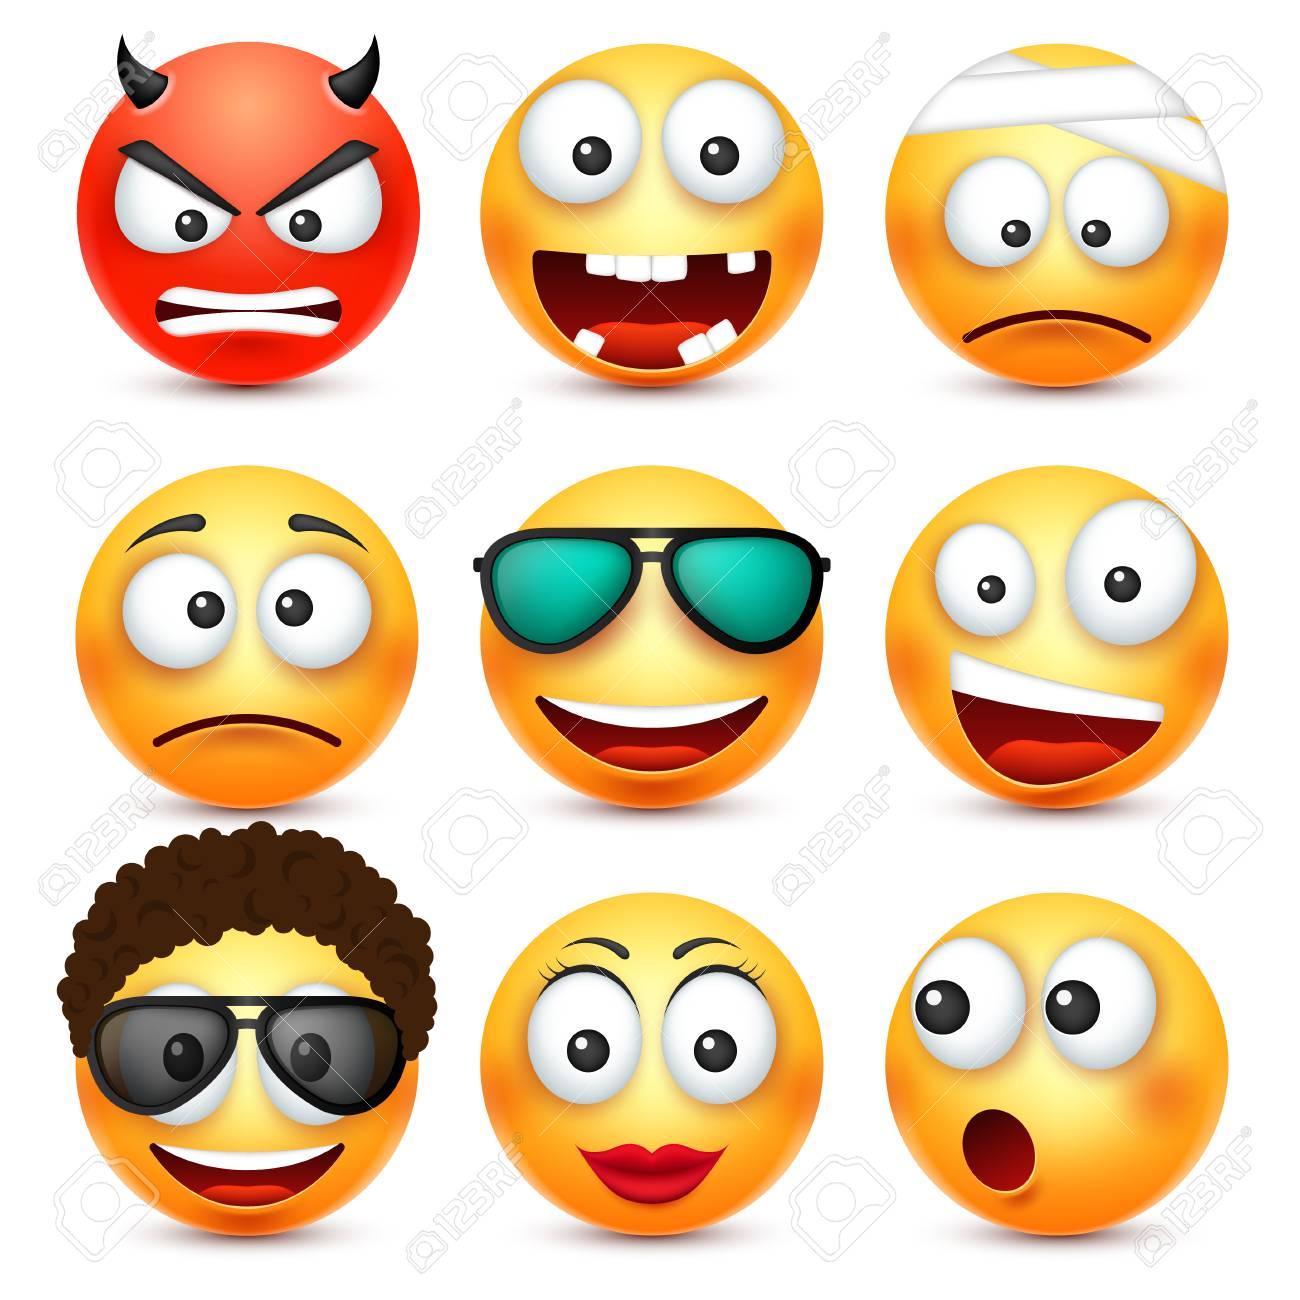 Smiley Avec Des Lunettes Sourire En Colere Triste Emoticone Heureuse Visage Jaune Avec Des Emotions Expression Faciale Emoji Realiste 3d Personnage Drole De Bande Dessinee Icone Web Illustration Vectorielle Clip Art Libres